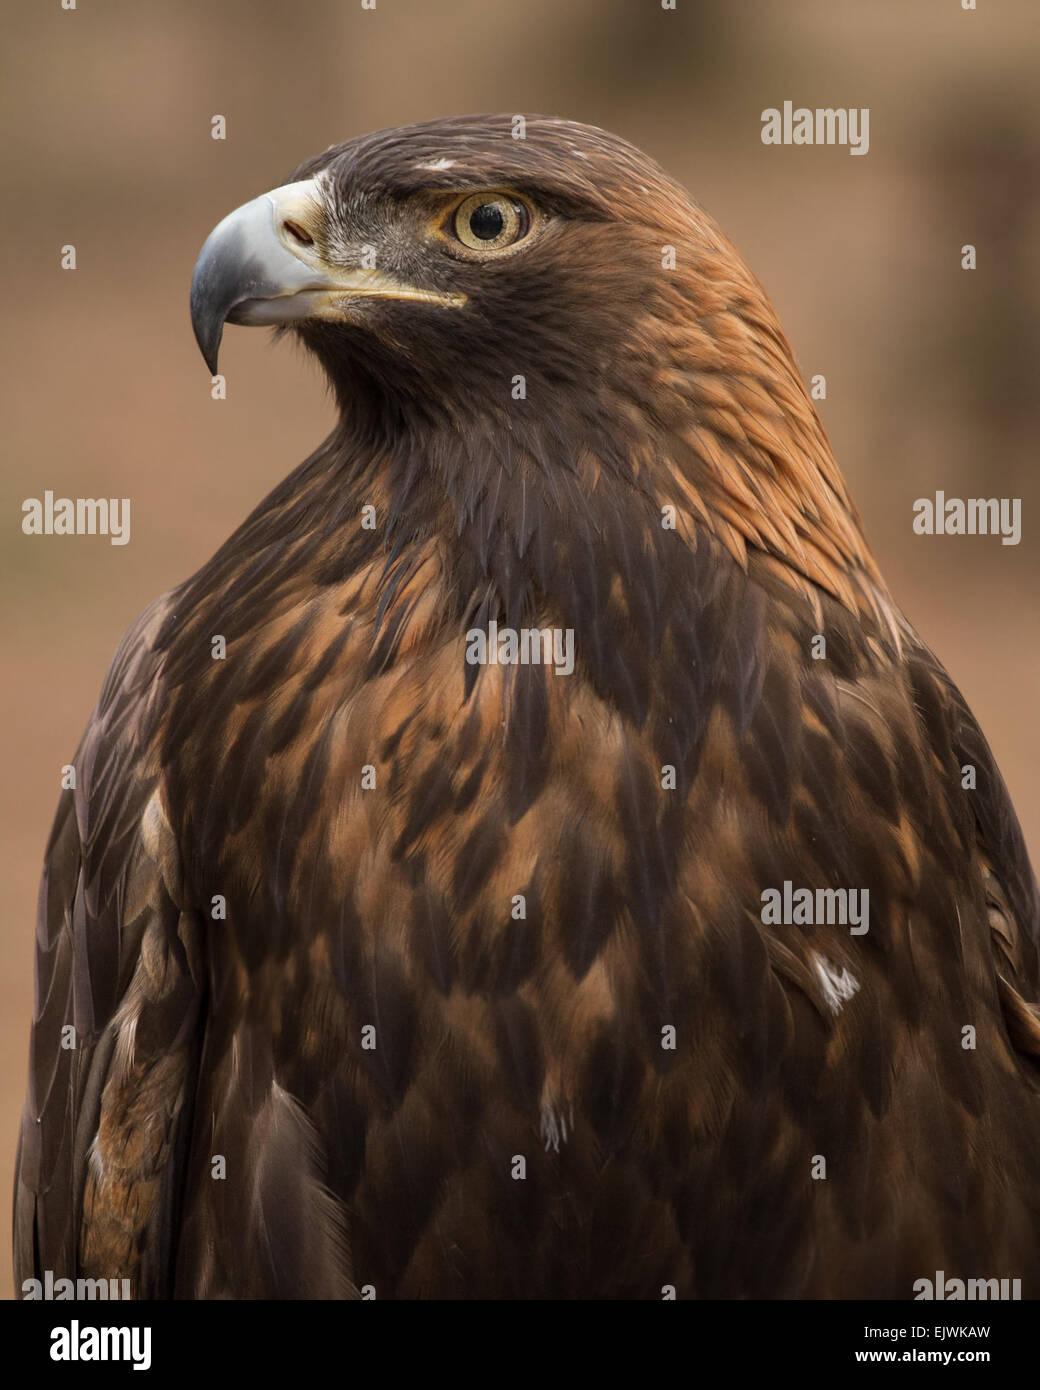 Un portrait d'un aigle royal. Photo Stock